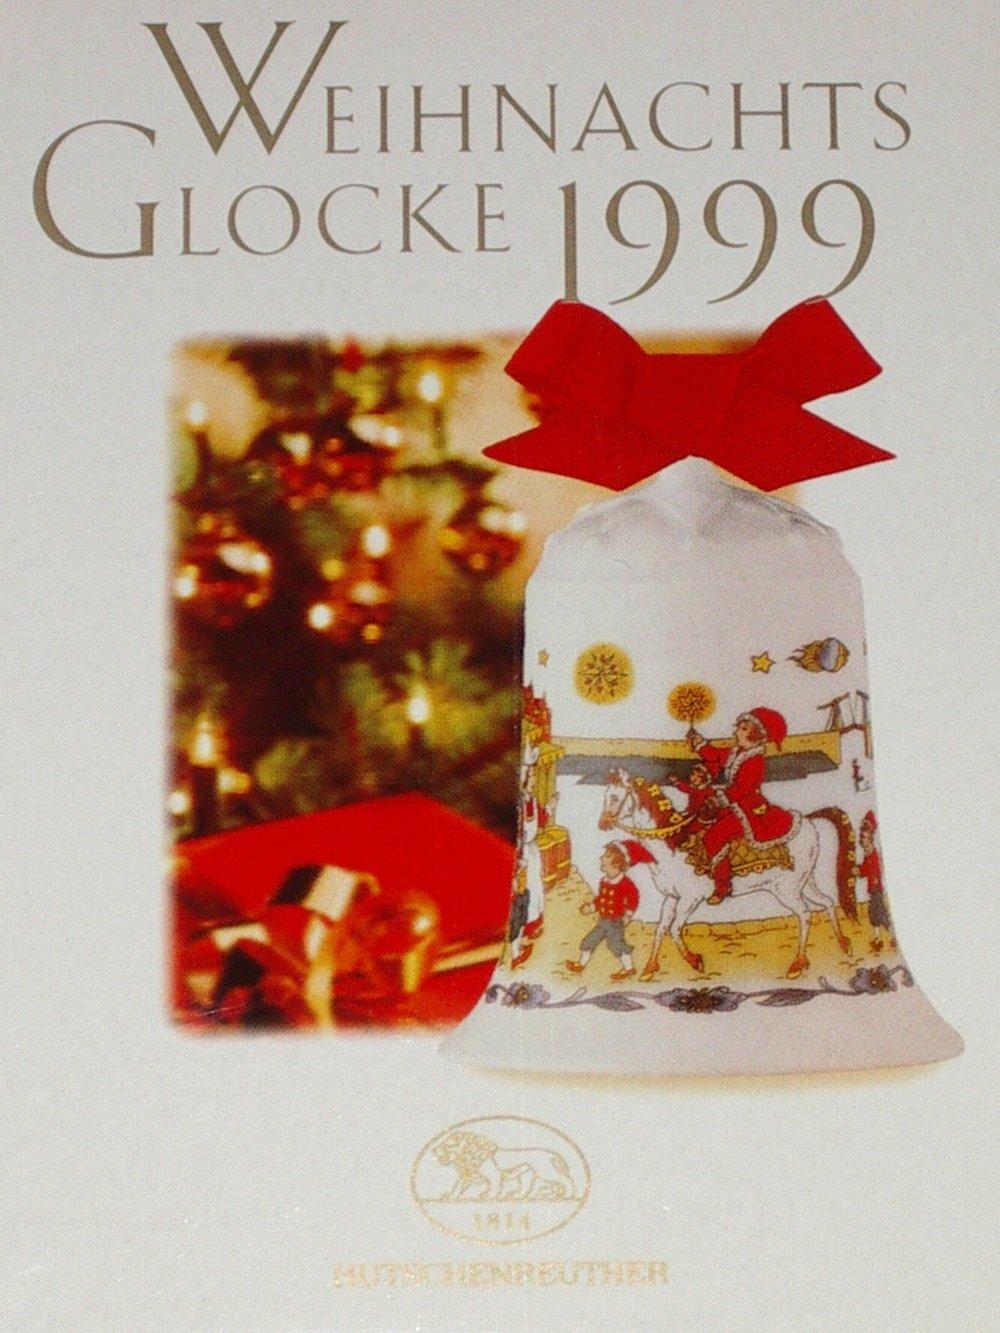 Hutschenreuther Natale campana 1999 Porzellan Weihnachtsglocke 1999